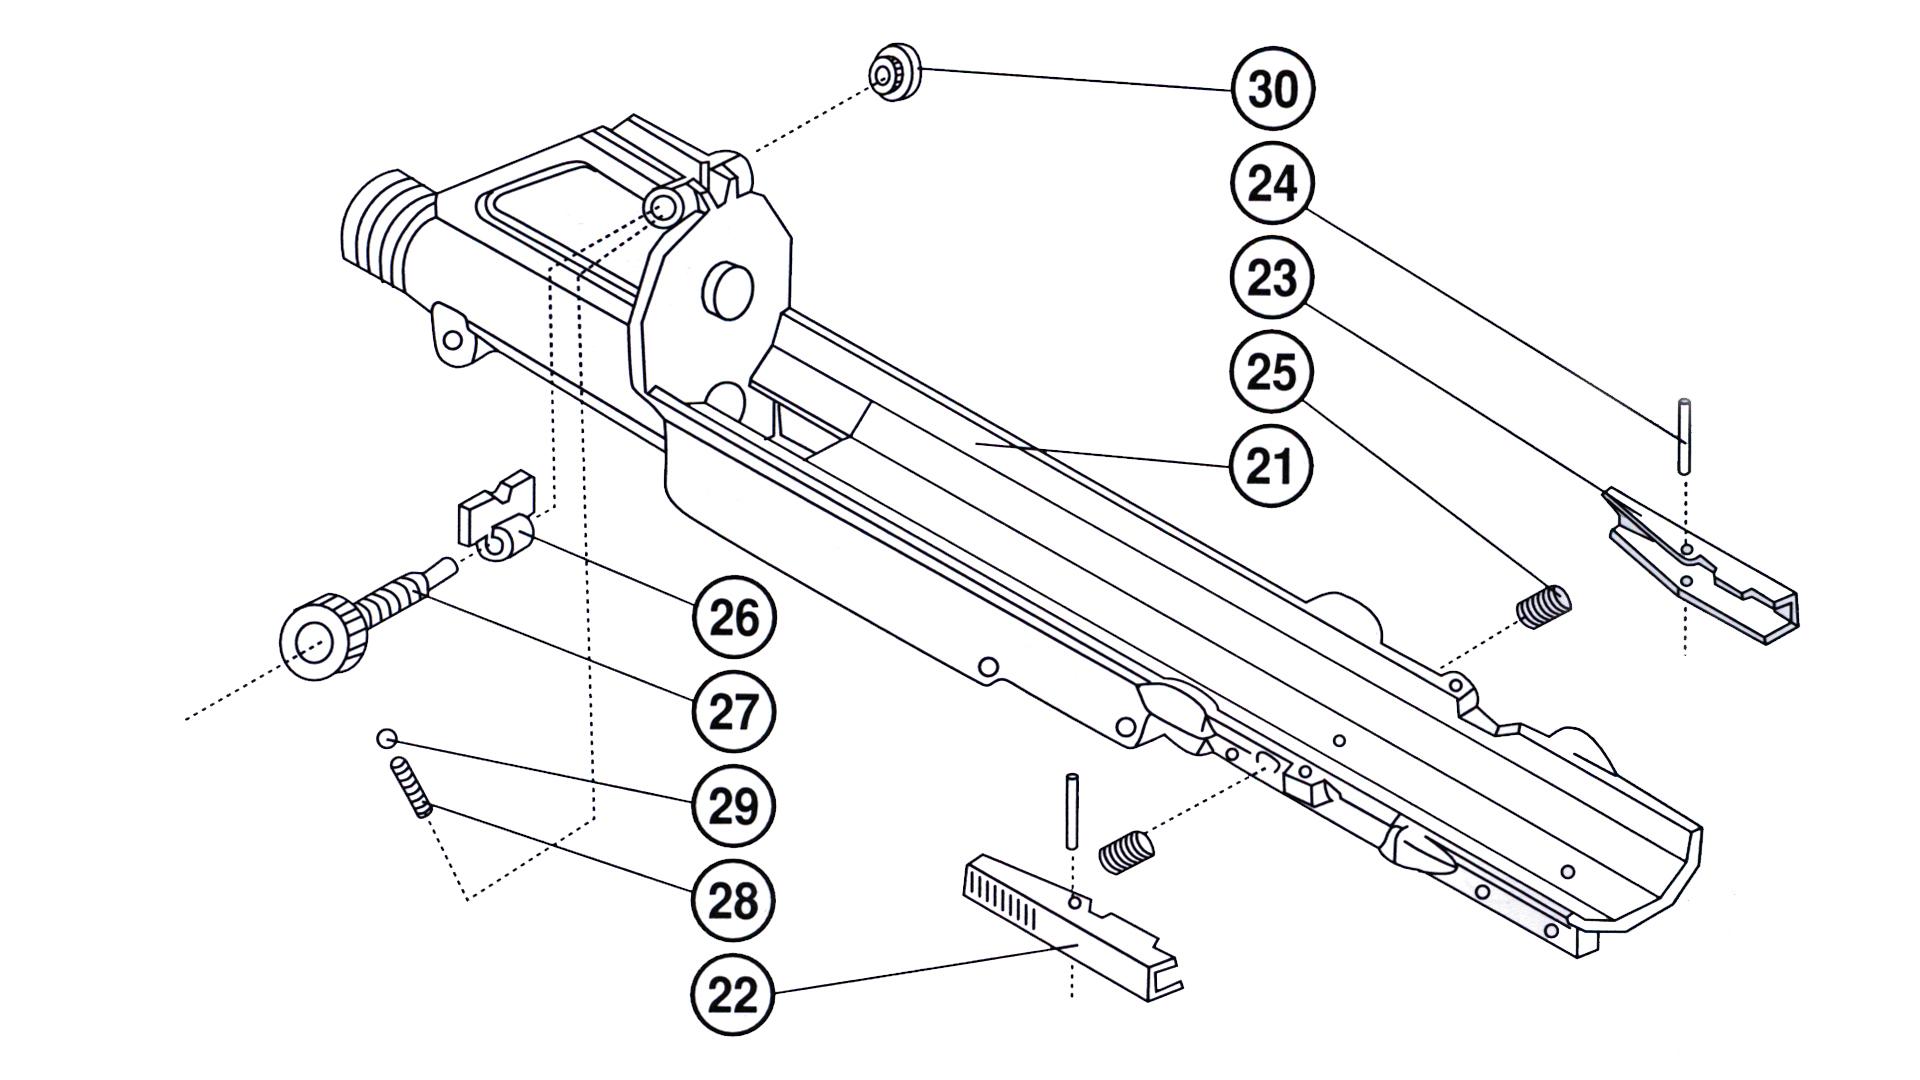 22LR M110 Upper Receiver Parts Breakdown